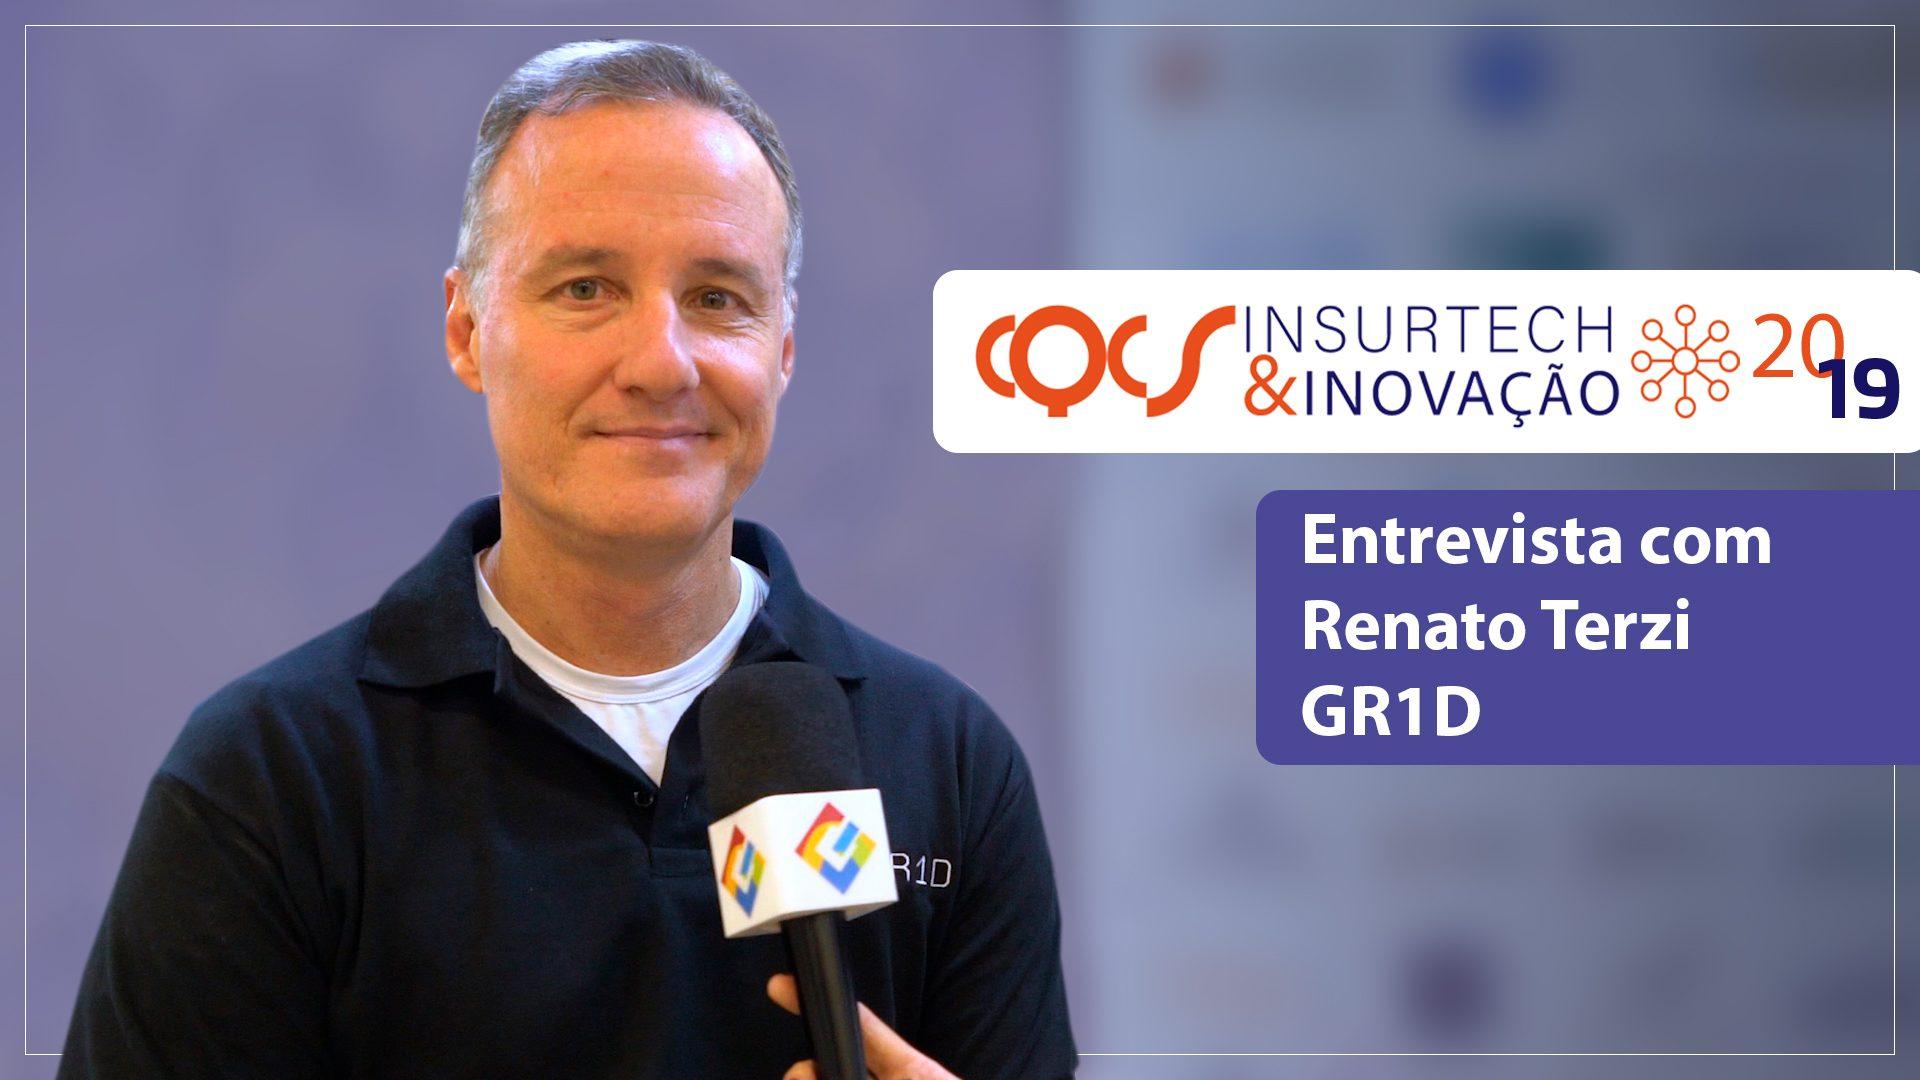 CQCS Insurtech & Inovação – Renato Terzi GR1D